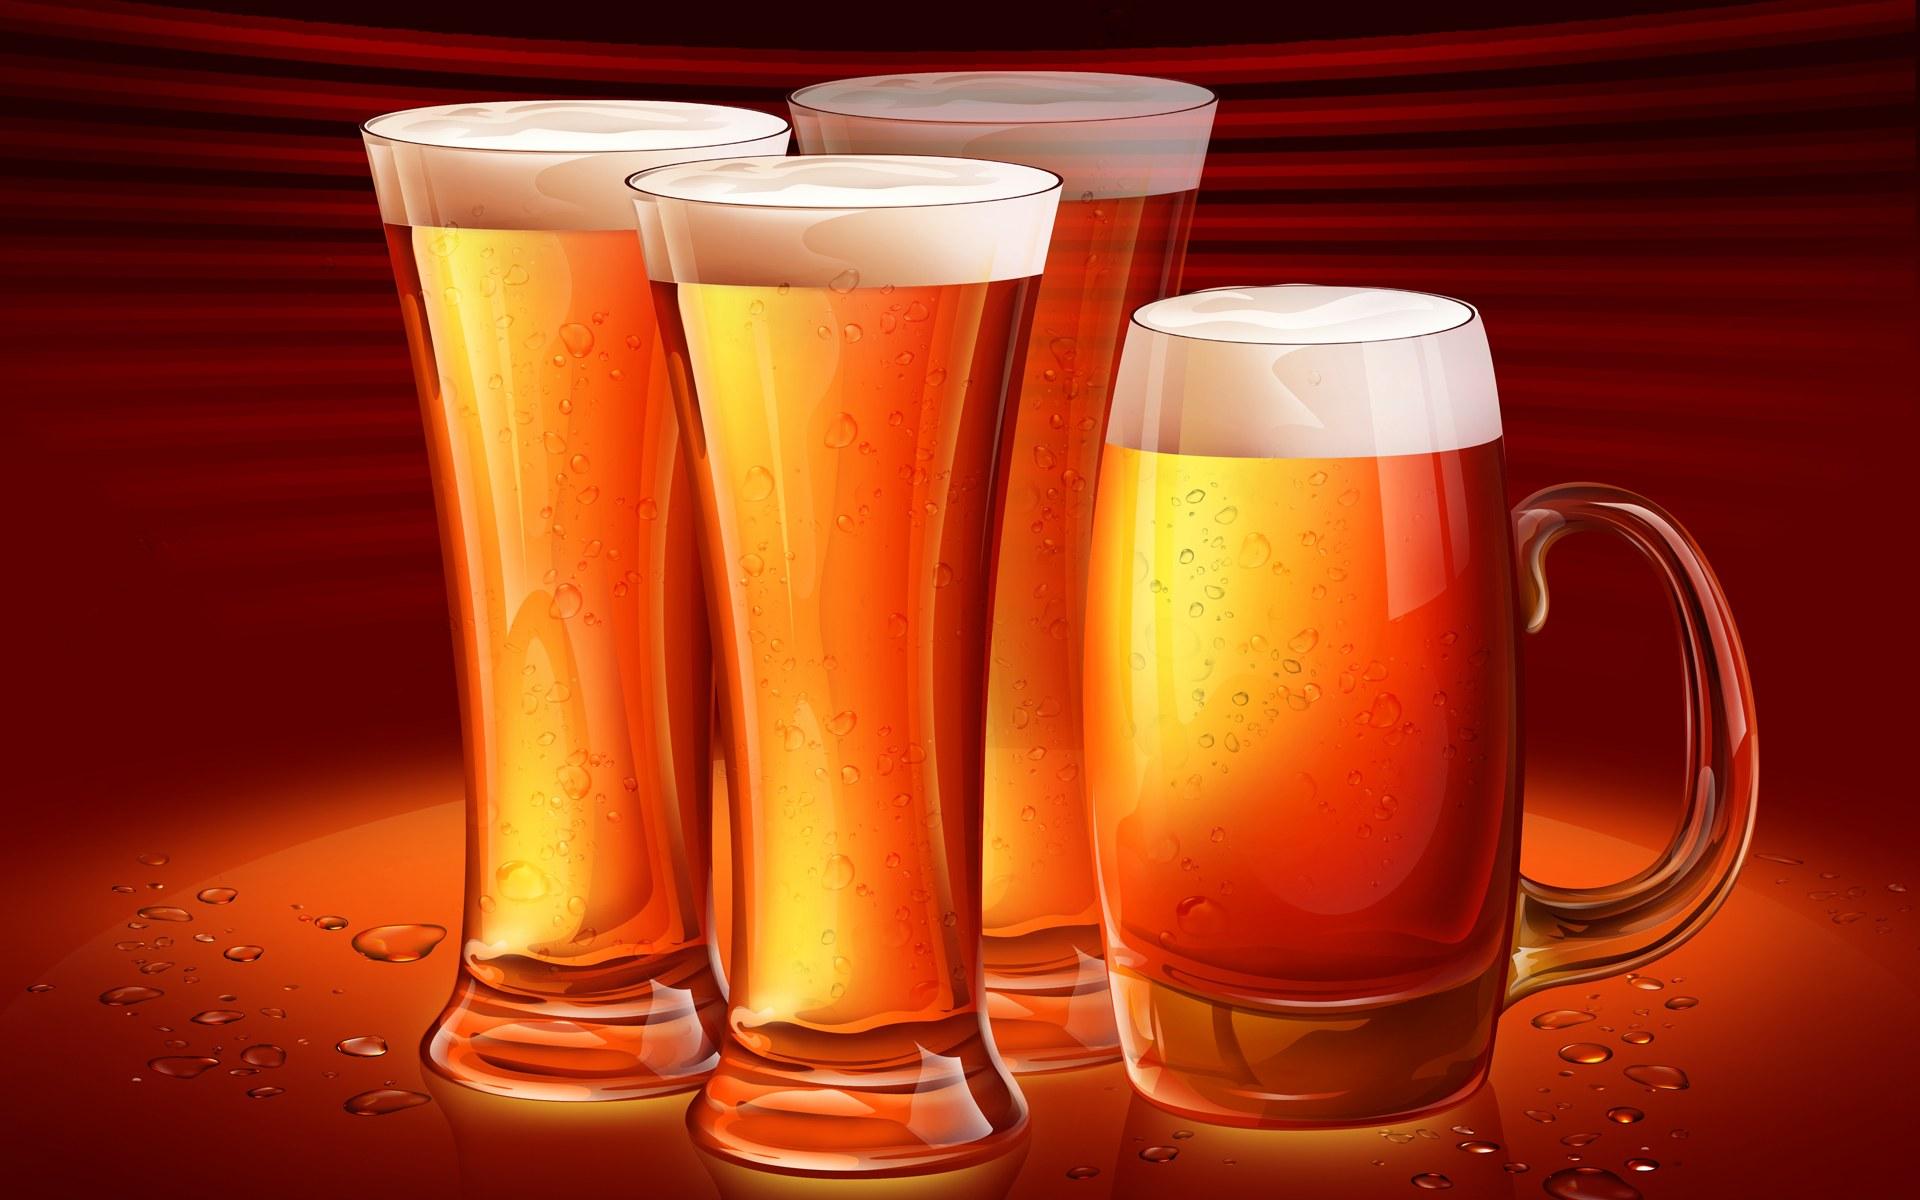 пиво кружки, скачать фото, обои для рабочего стола, бесплатно